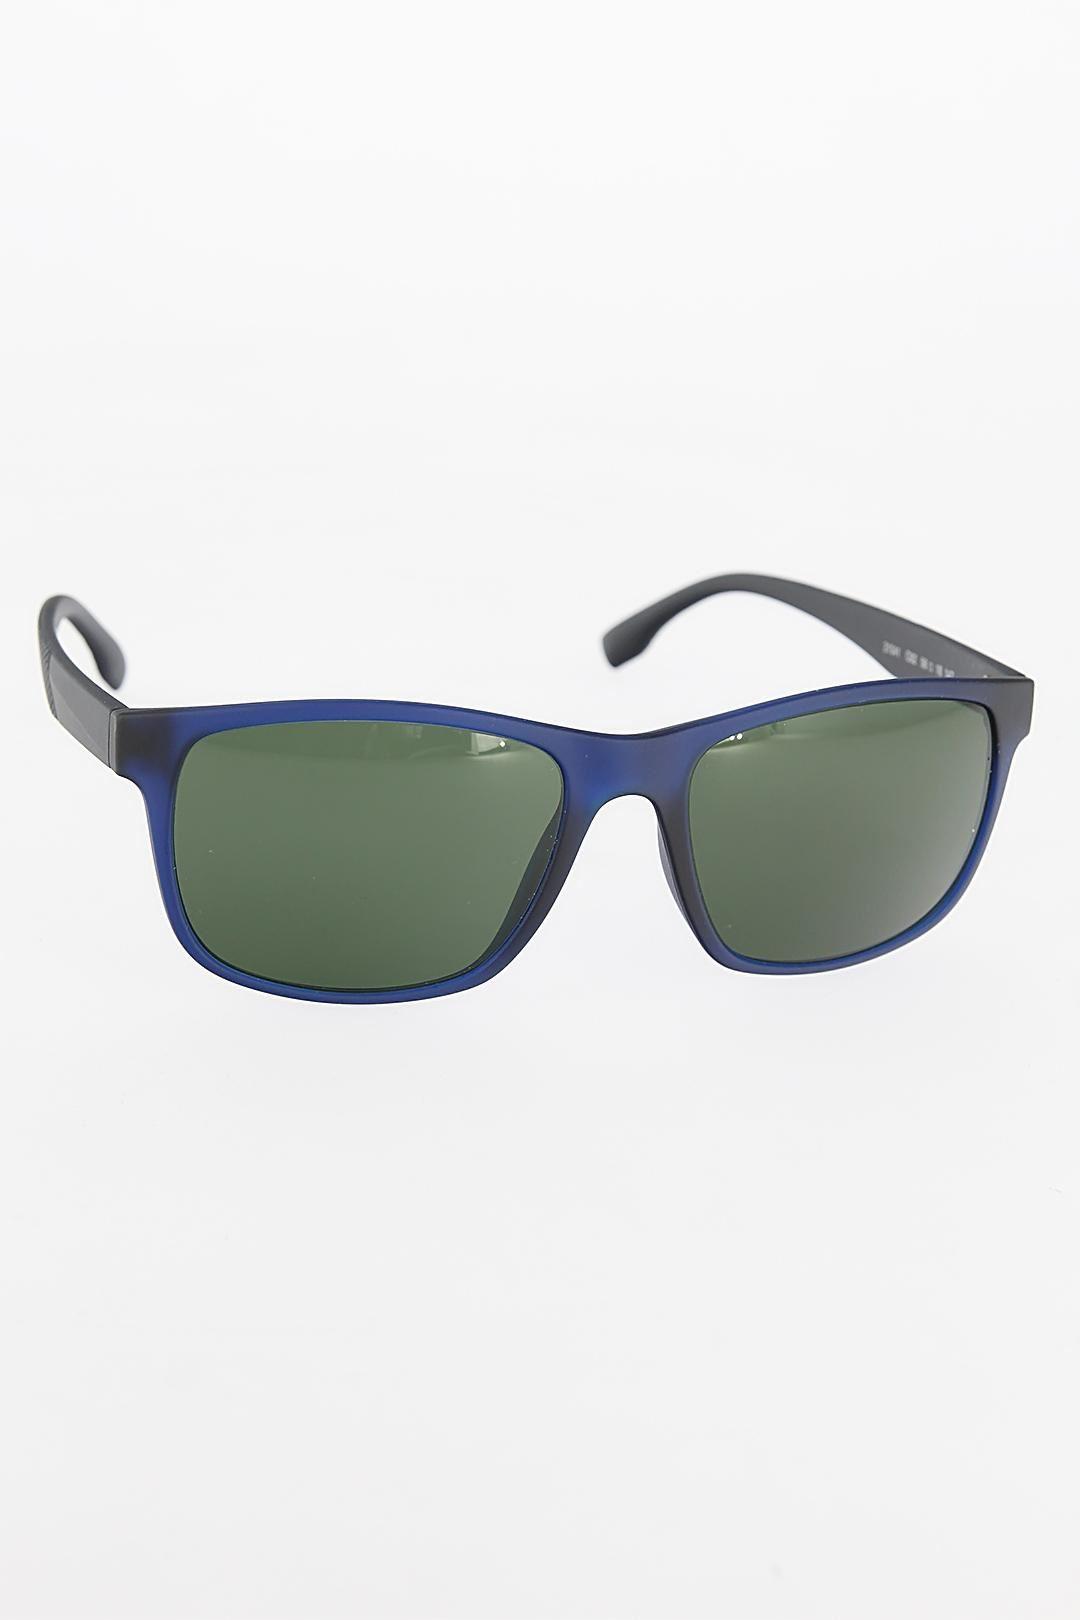 Lacivert Çerçeveli Siyah Saplı Erkek Güneş Gözlüğü